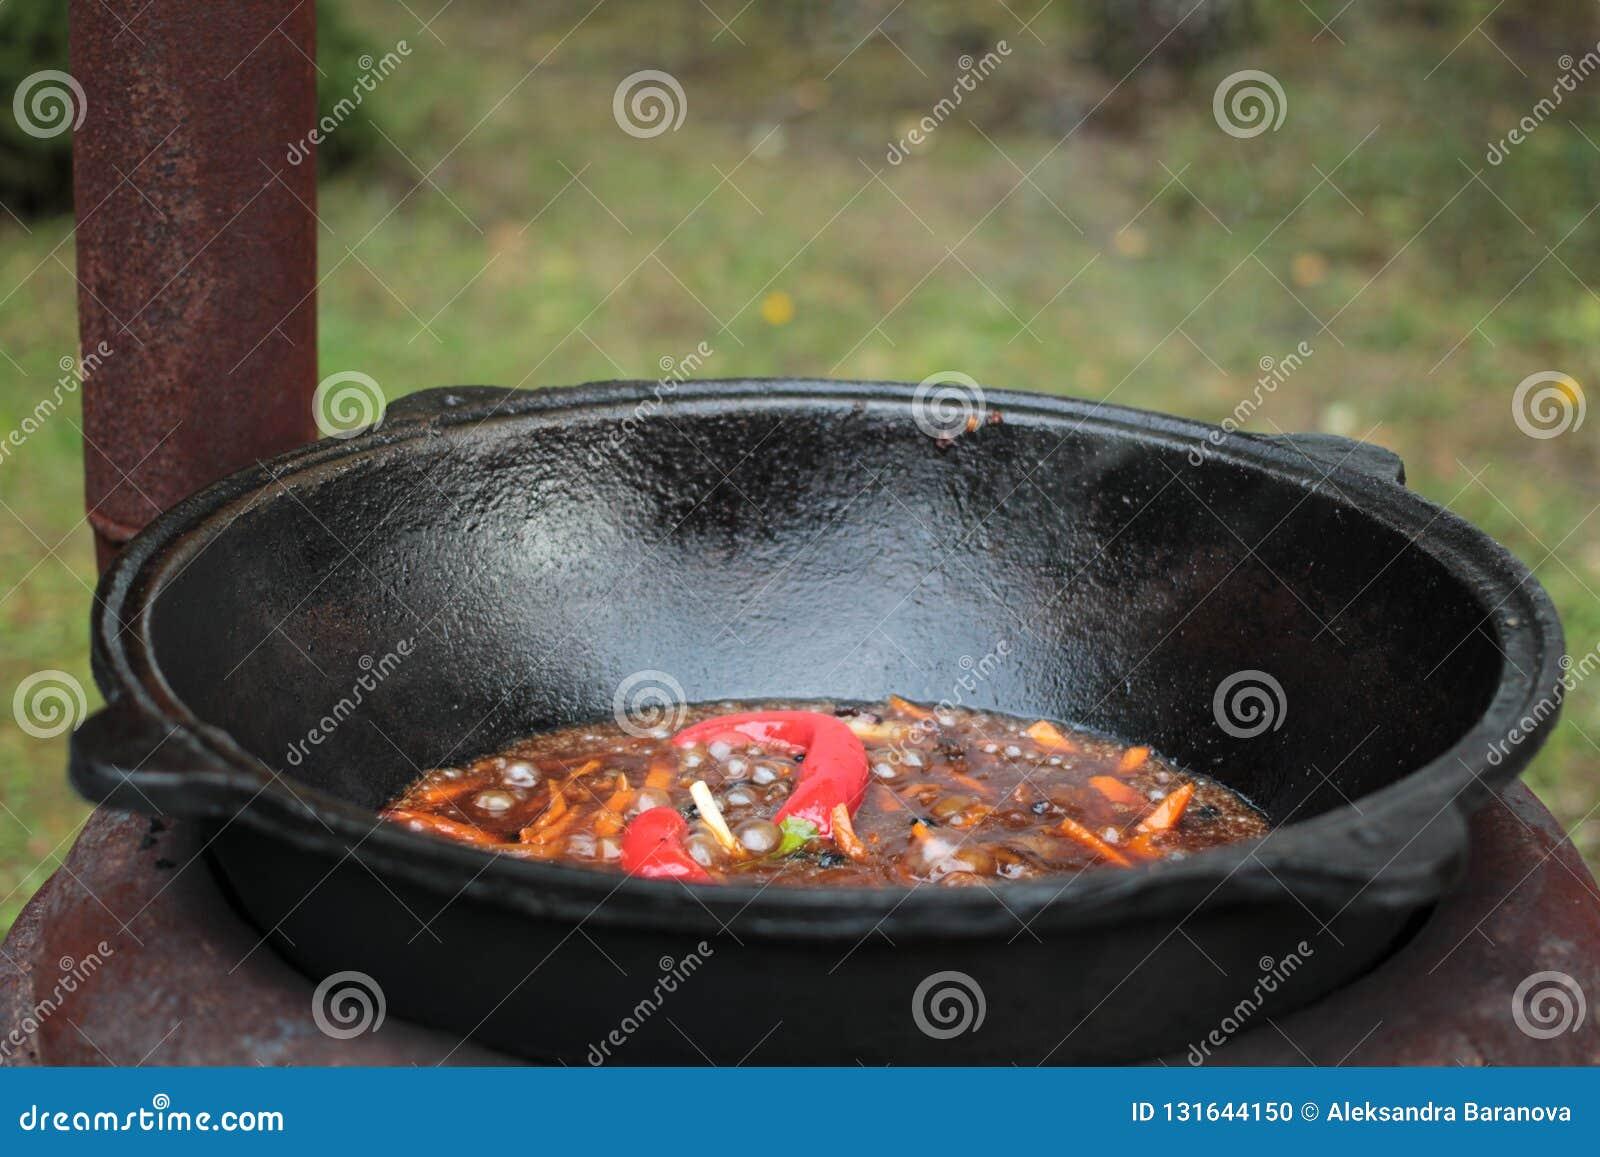 Pilaff förbereder sig i stort svart gjutjärn med kockar räcker